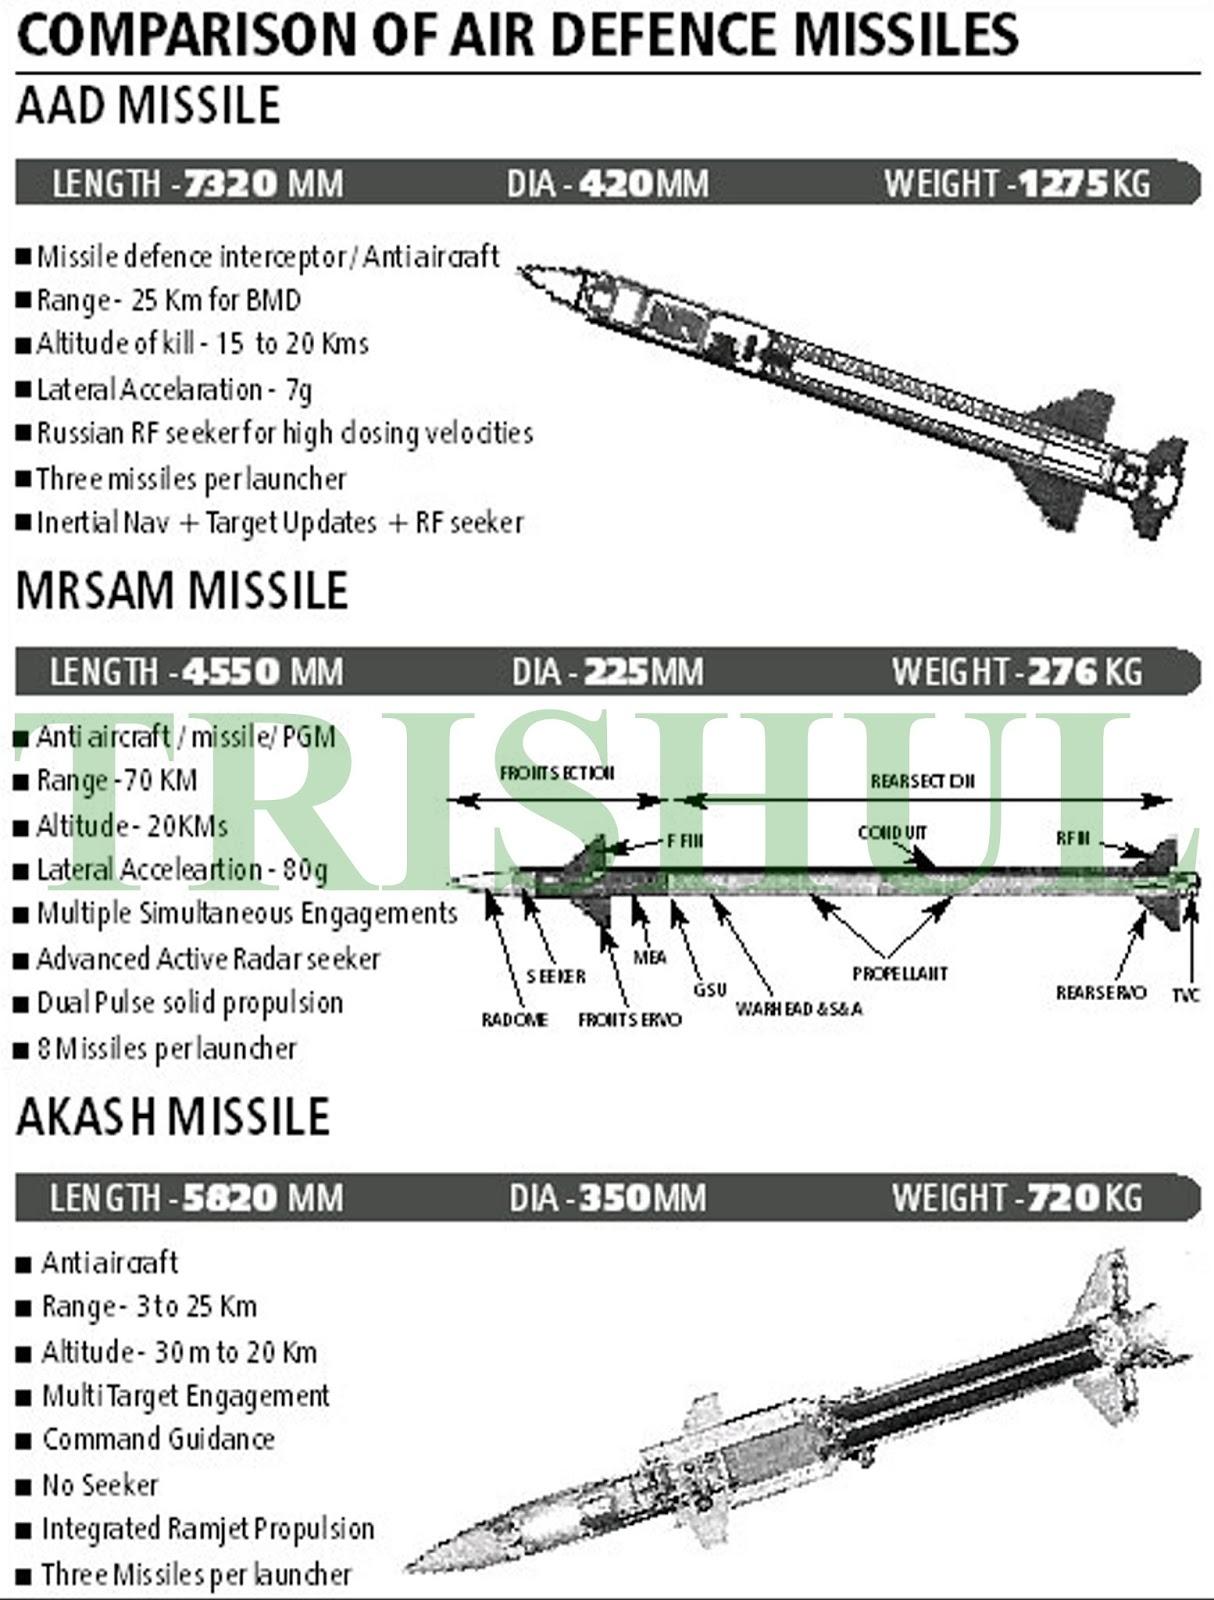 Indian Ballistic Missile Defense System